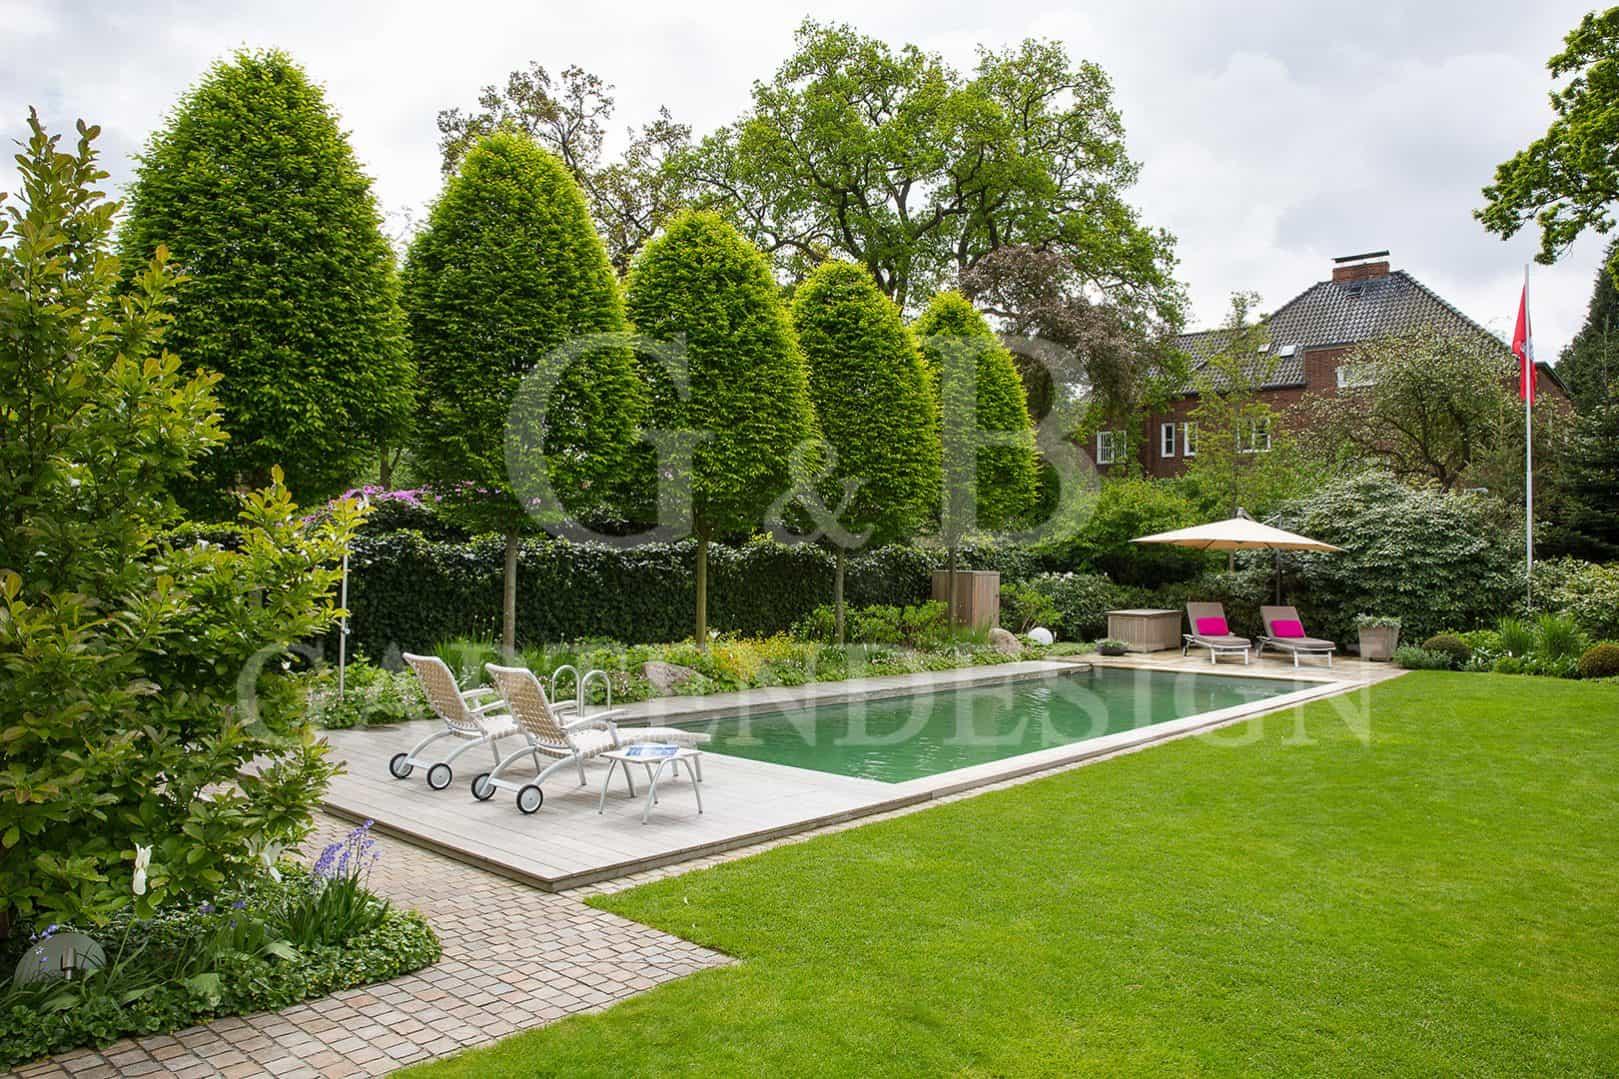 GÄrten  Gartenarchitektur  Gempp Gartendesign